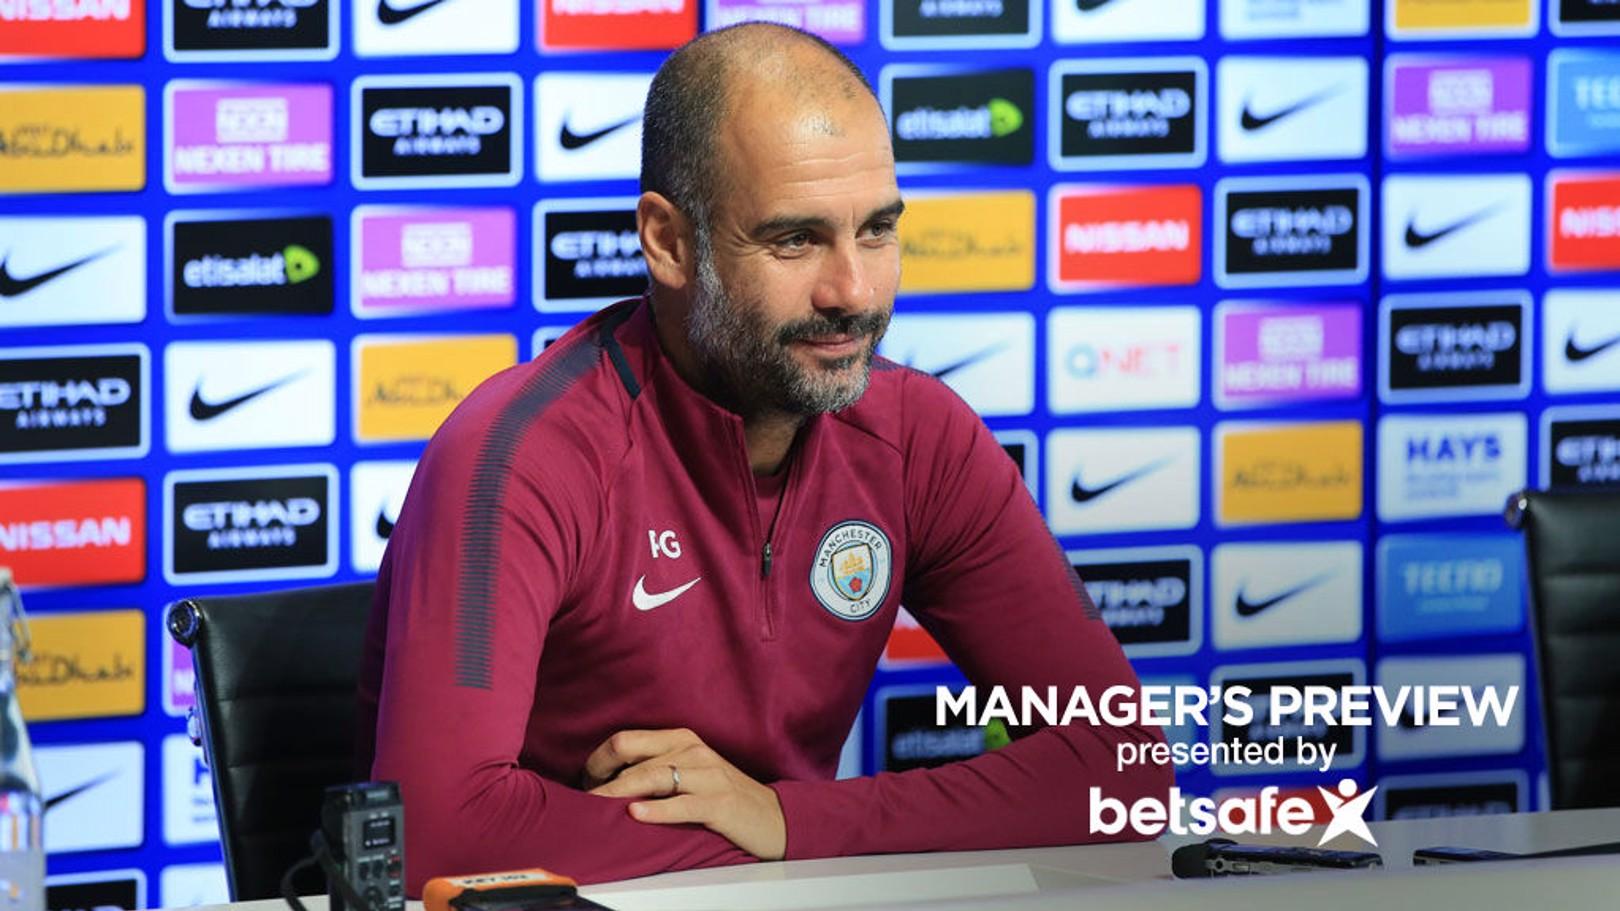 El entrenador del City respondió a la prensa en la previa del partido frente al Stoke City.